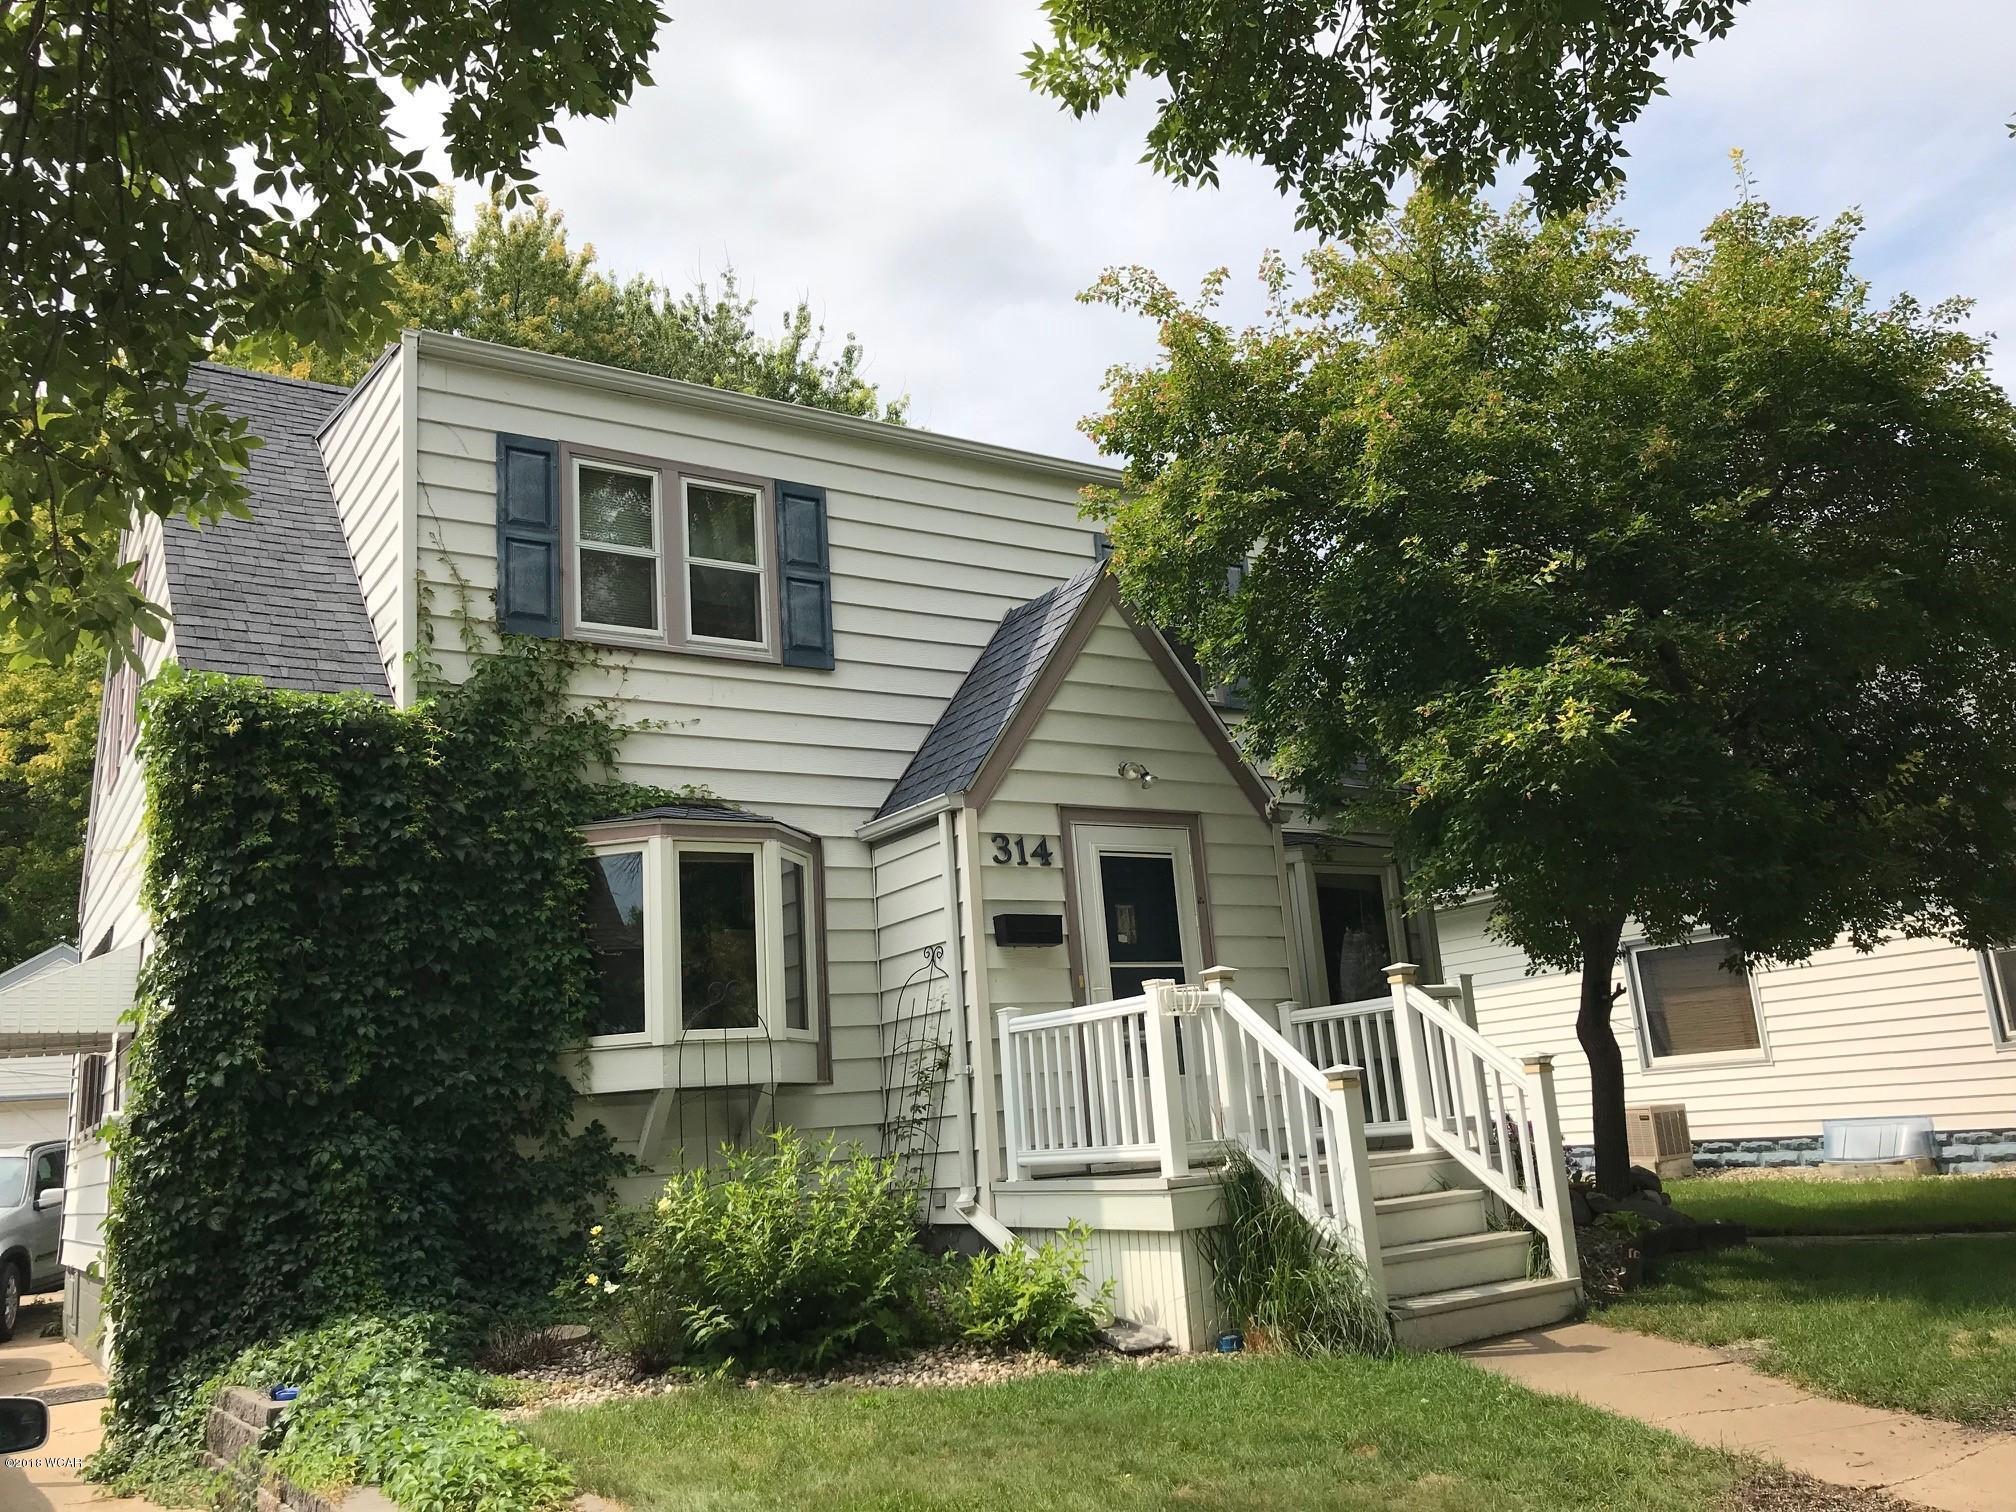 314 Bernard Street,Willmar,4 Bedrooms Bedrooms,2 BathroomsBathrooms,Single Family,Bernard Street,6031925